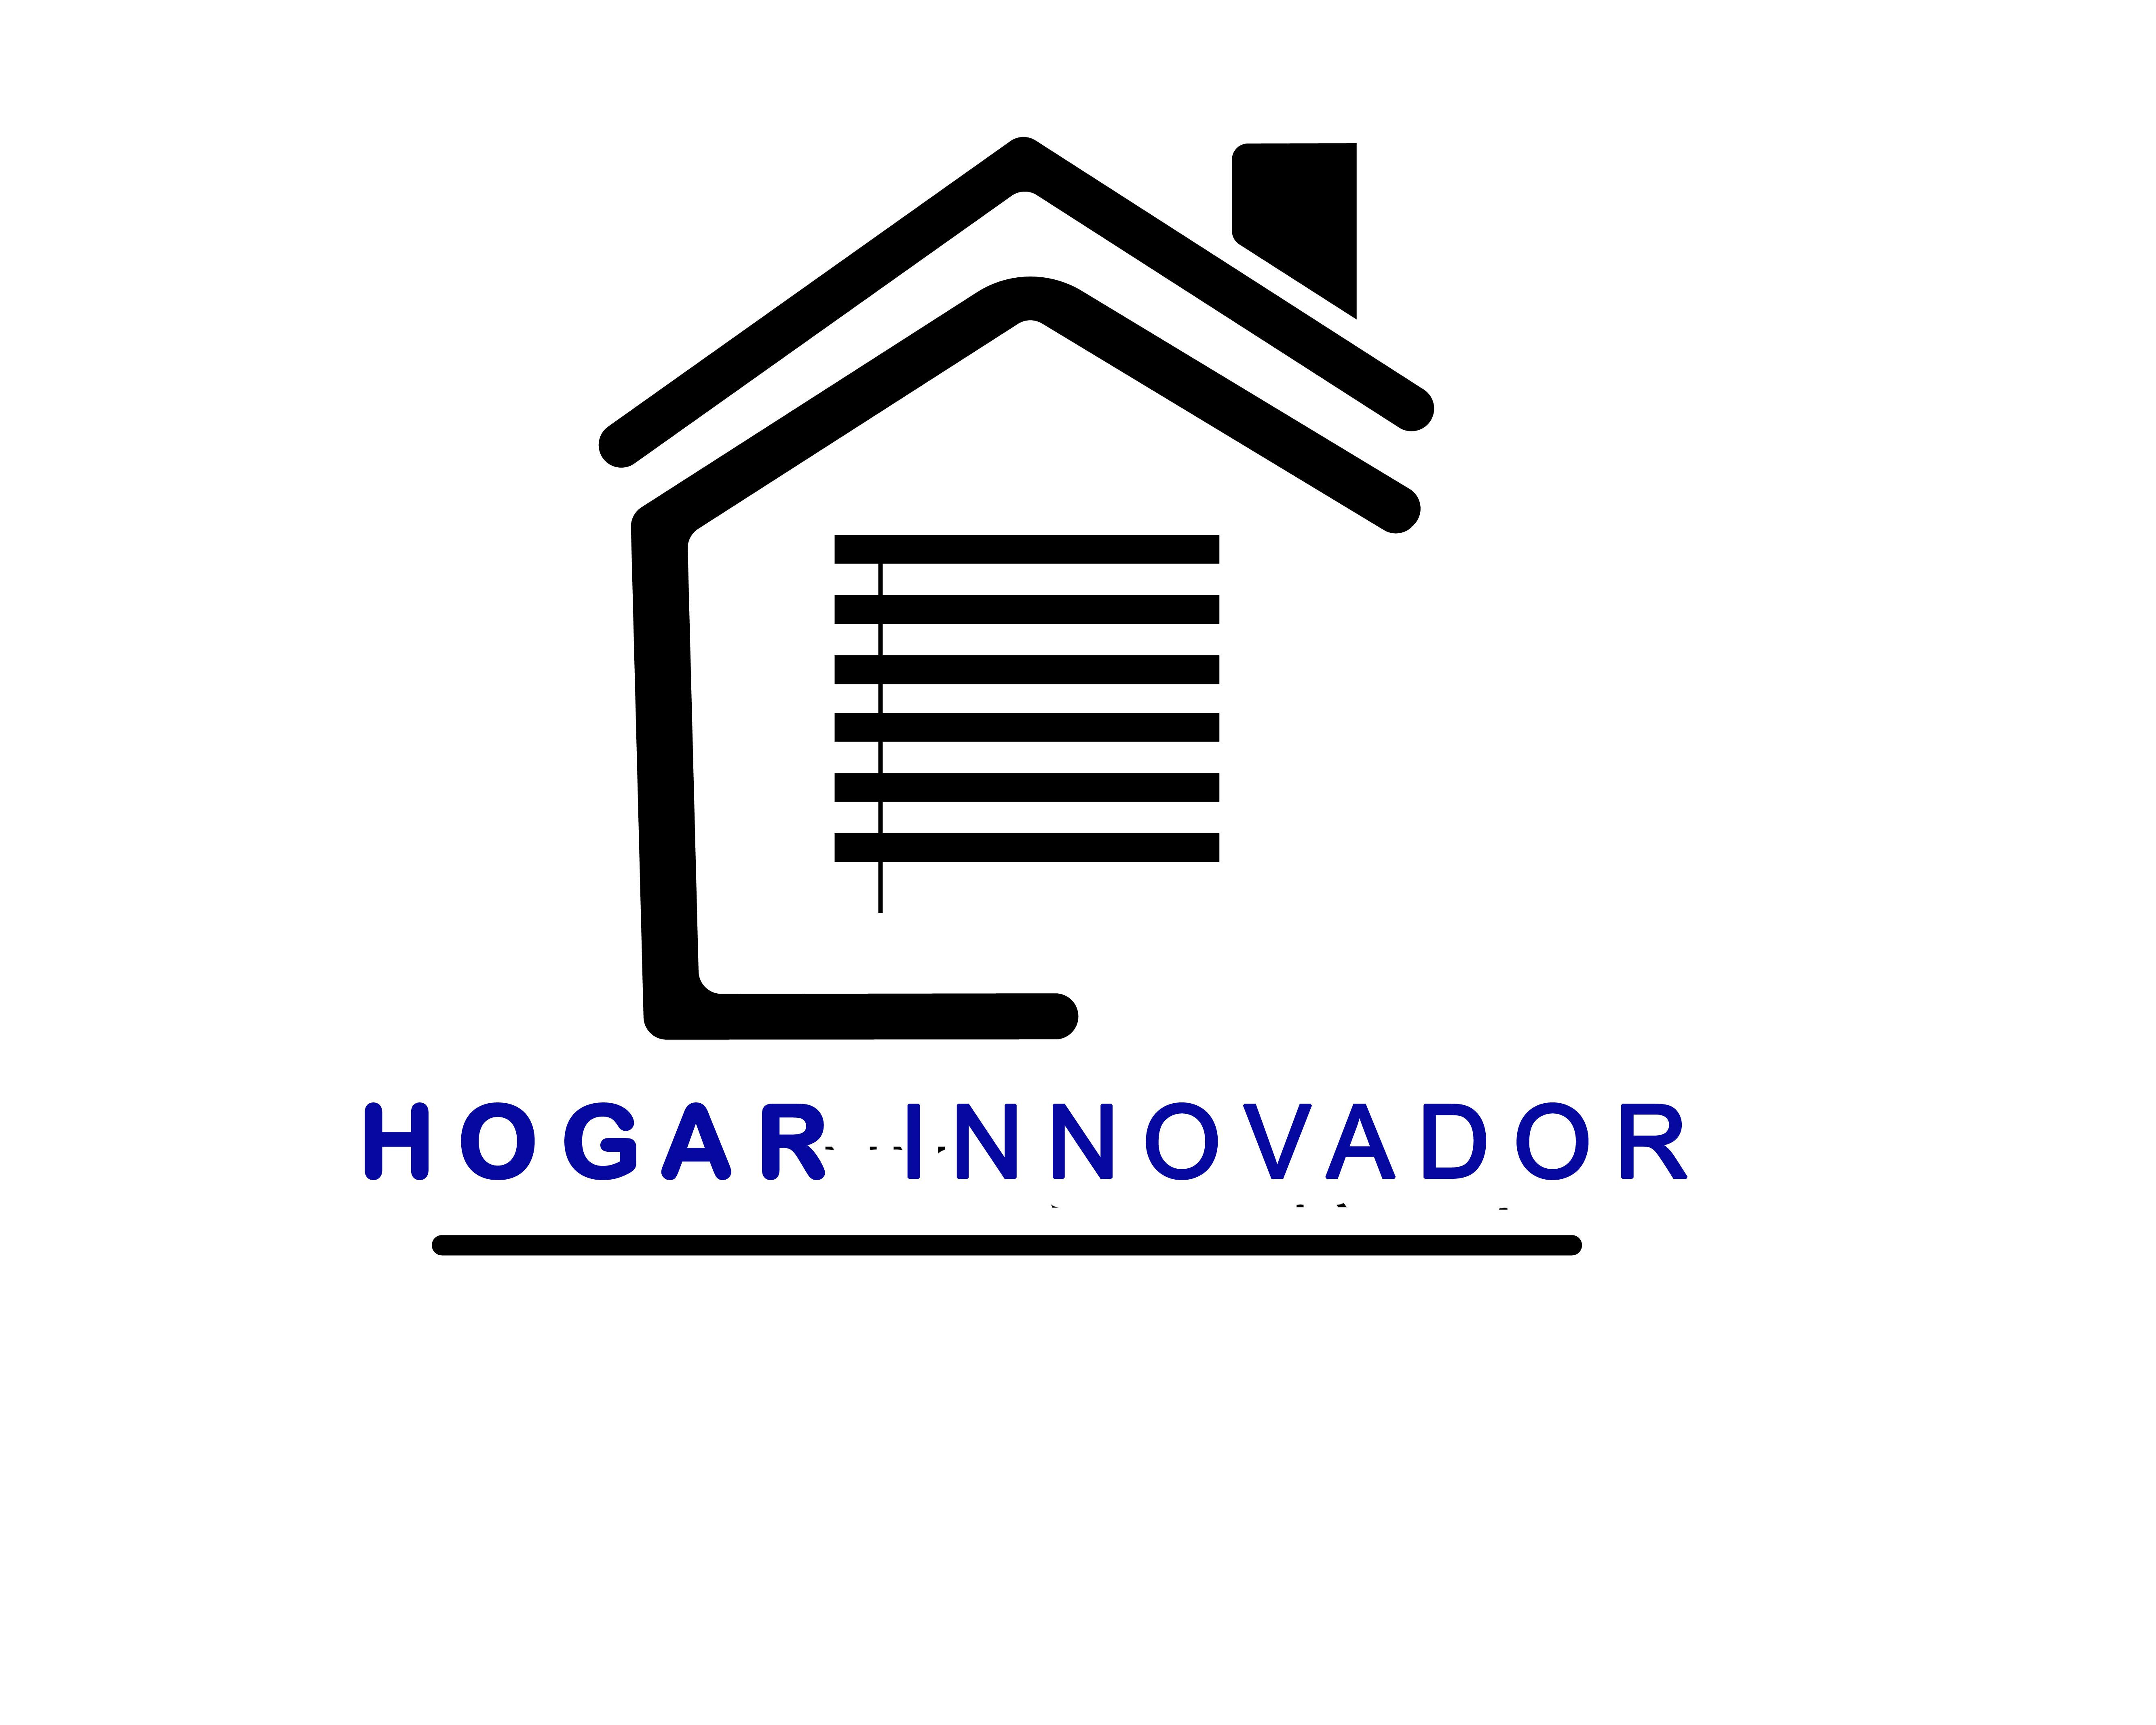 Hogar Innovador